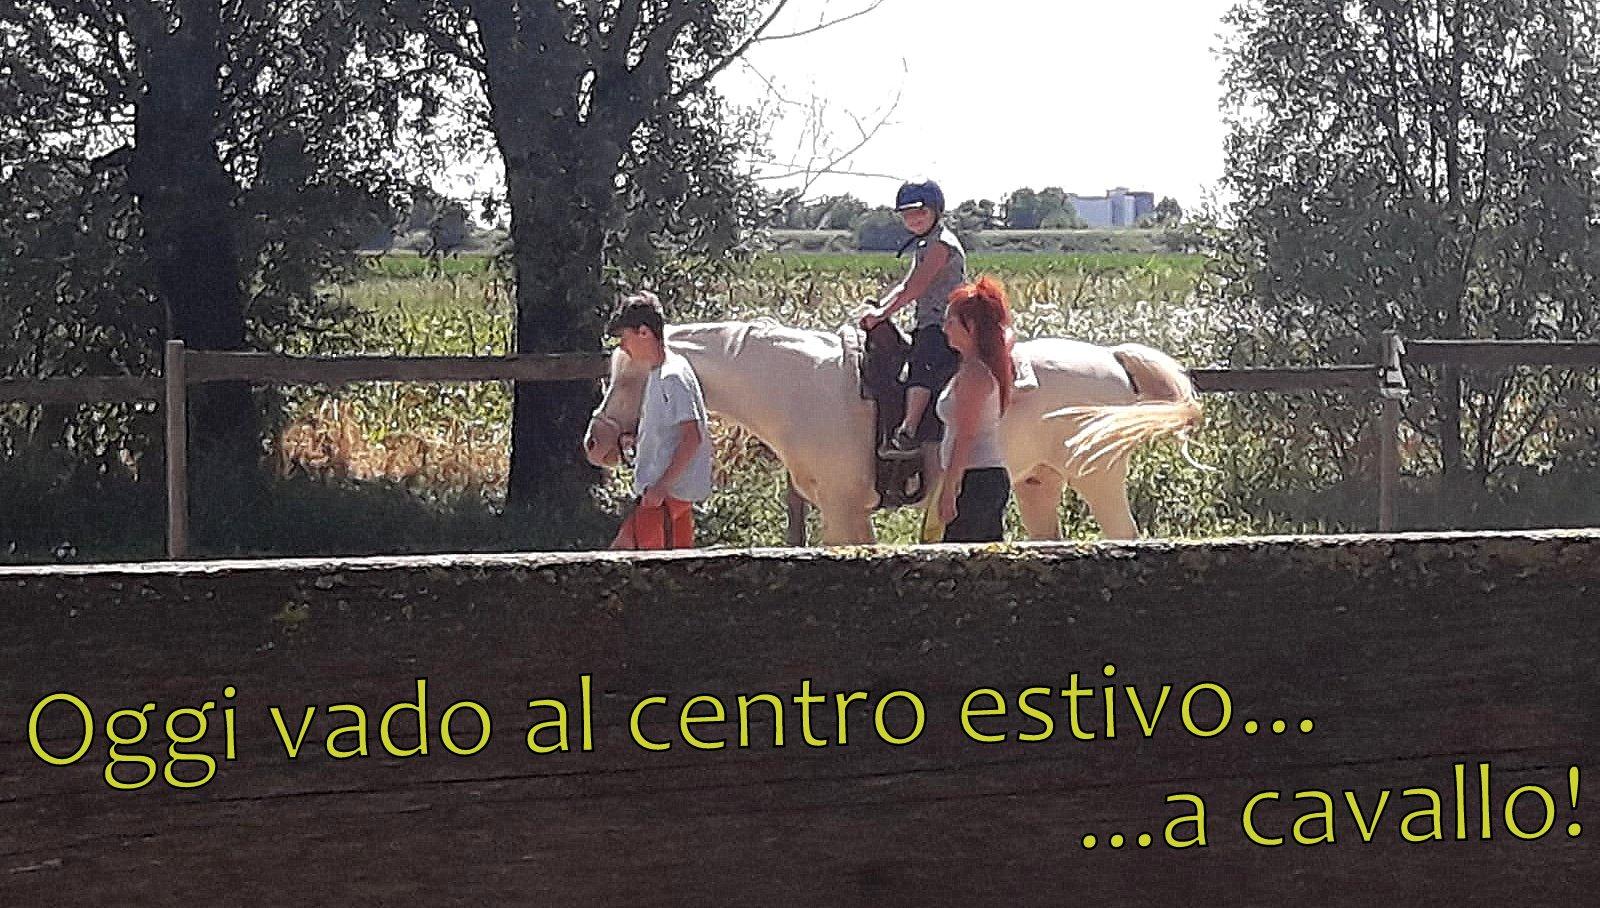 16-Oggi Tania al centro estivo è andata a cavallo